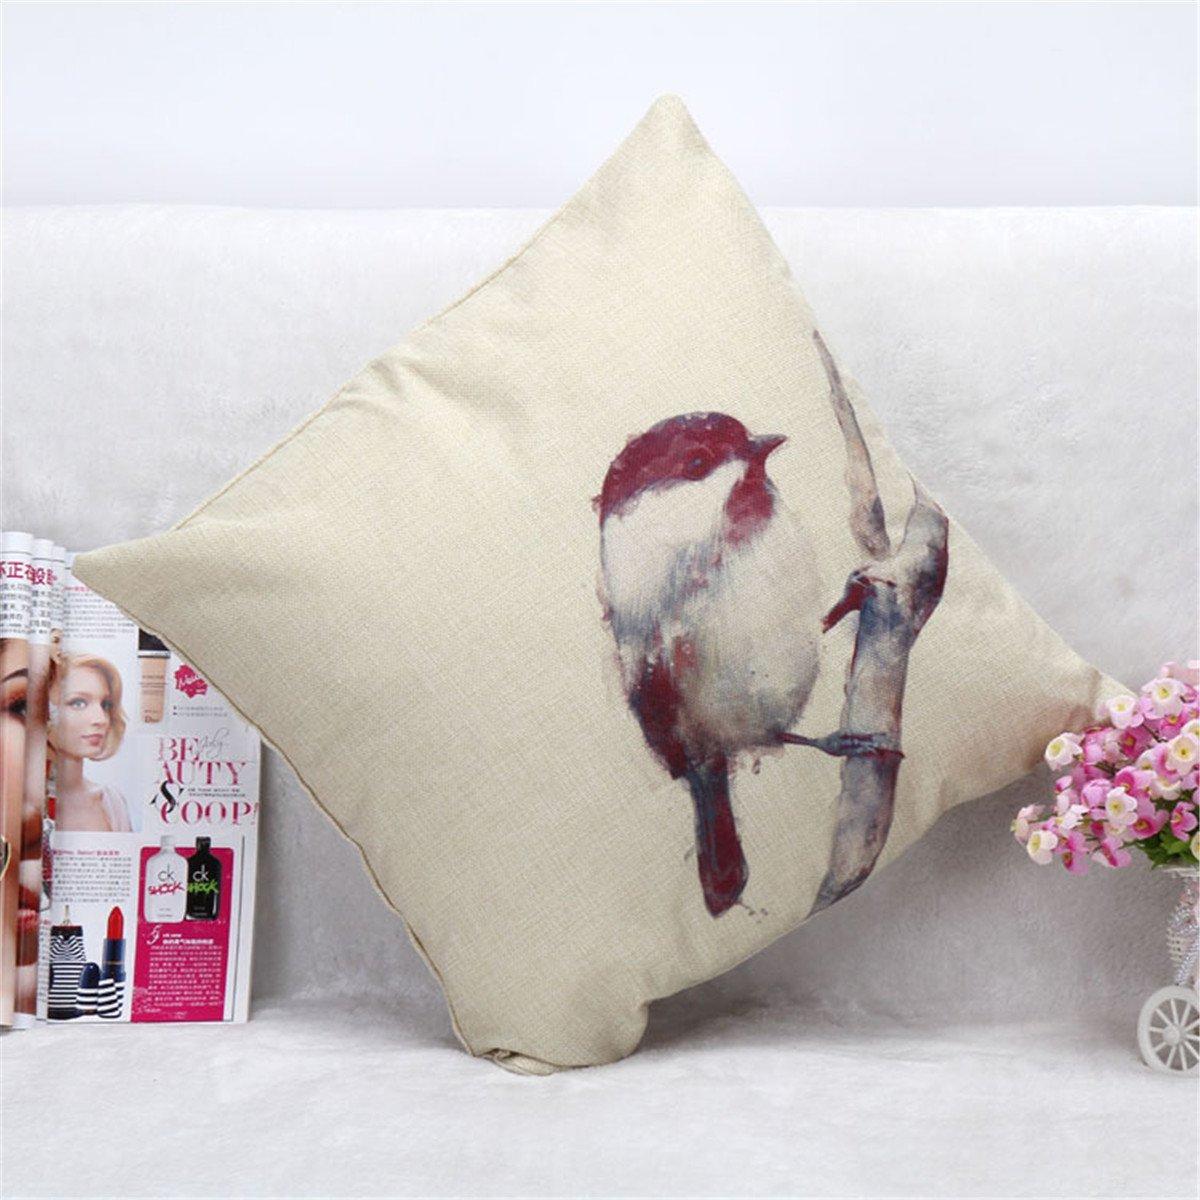 SHINA Vintage Cotone Lino federa Divano Vita tiro Cuscino decorazioni per la casa (Uccello Carino)